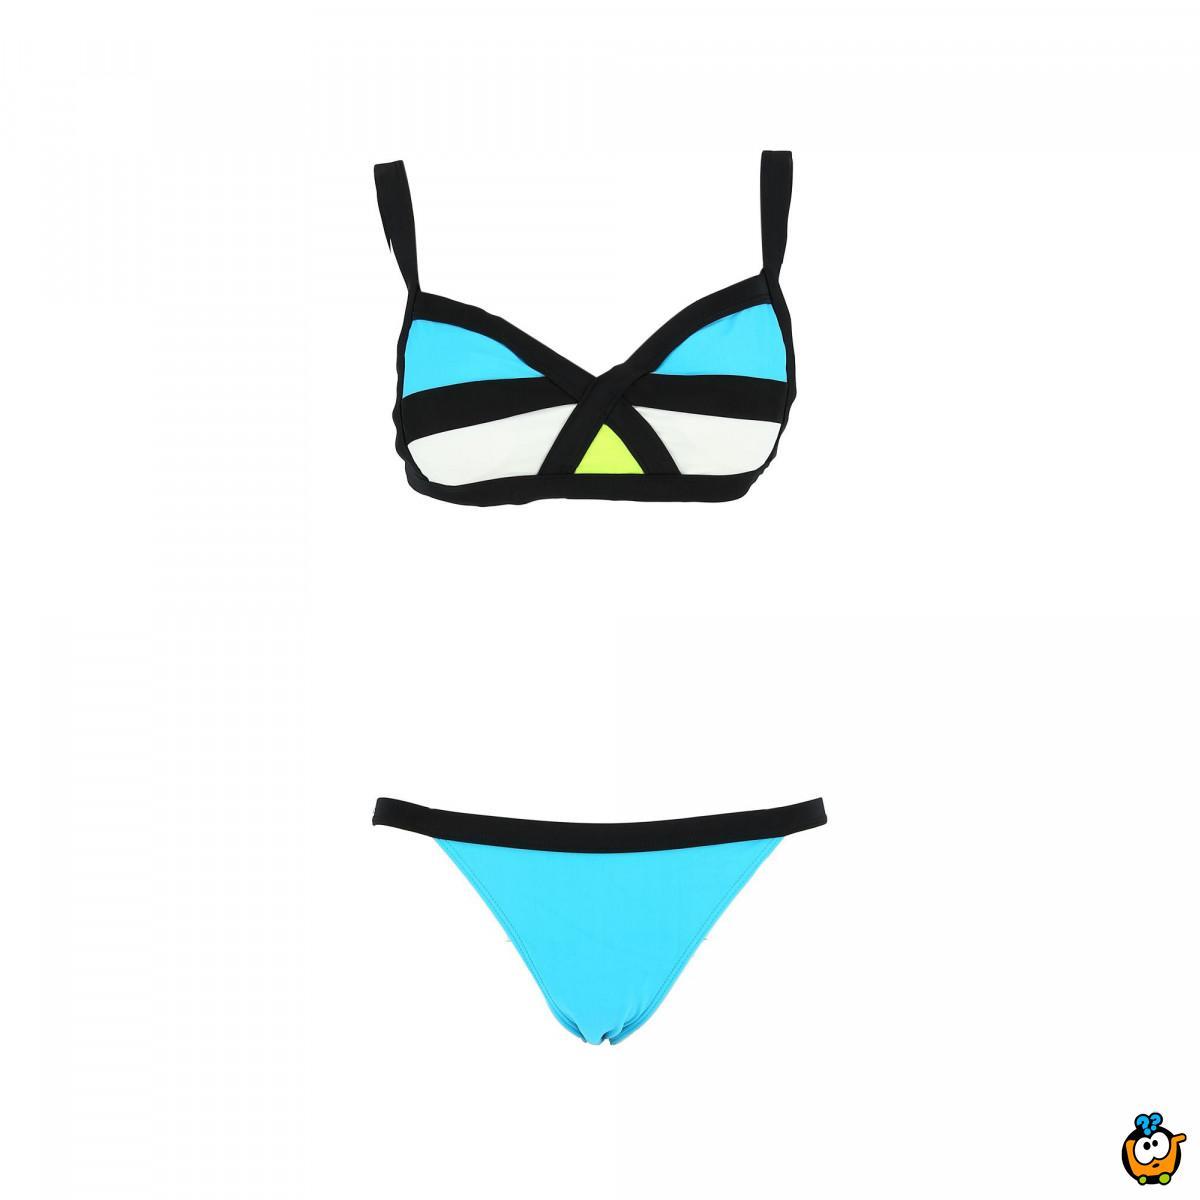 Dvodelni ženski kupaći kostim - MODERN MIX BLUE